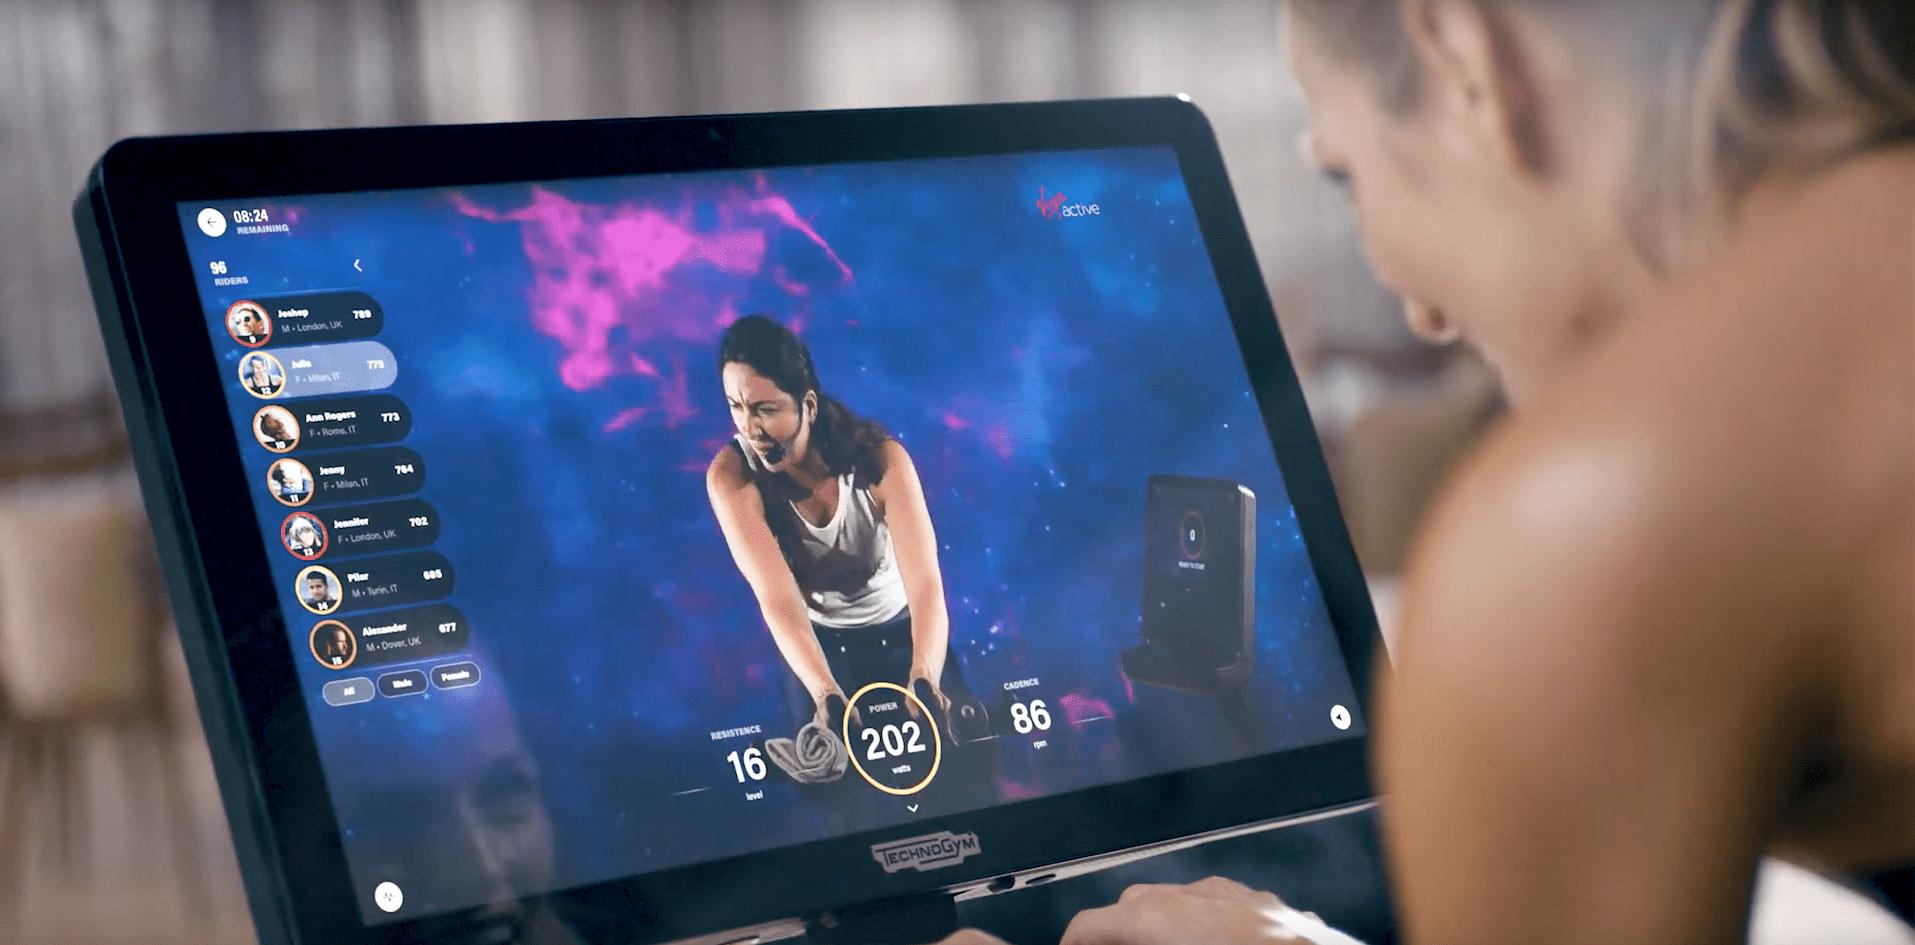 Technogym letar efter stjärnor till sina nya träningsvideos